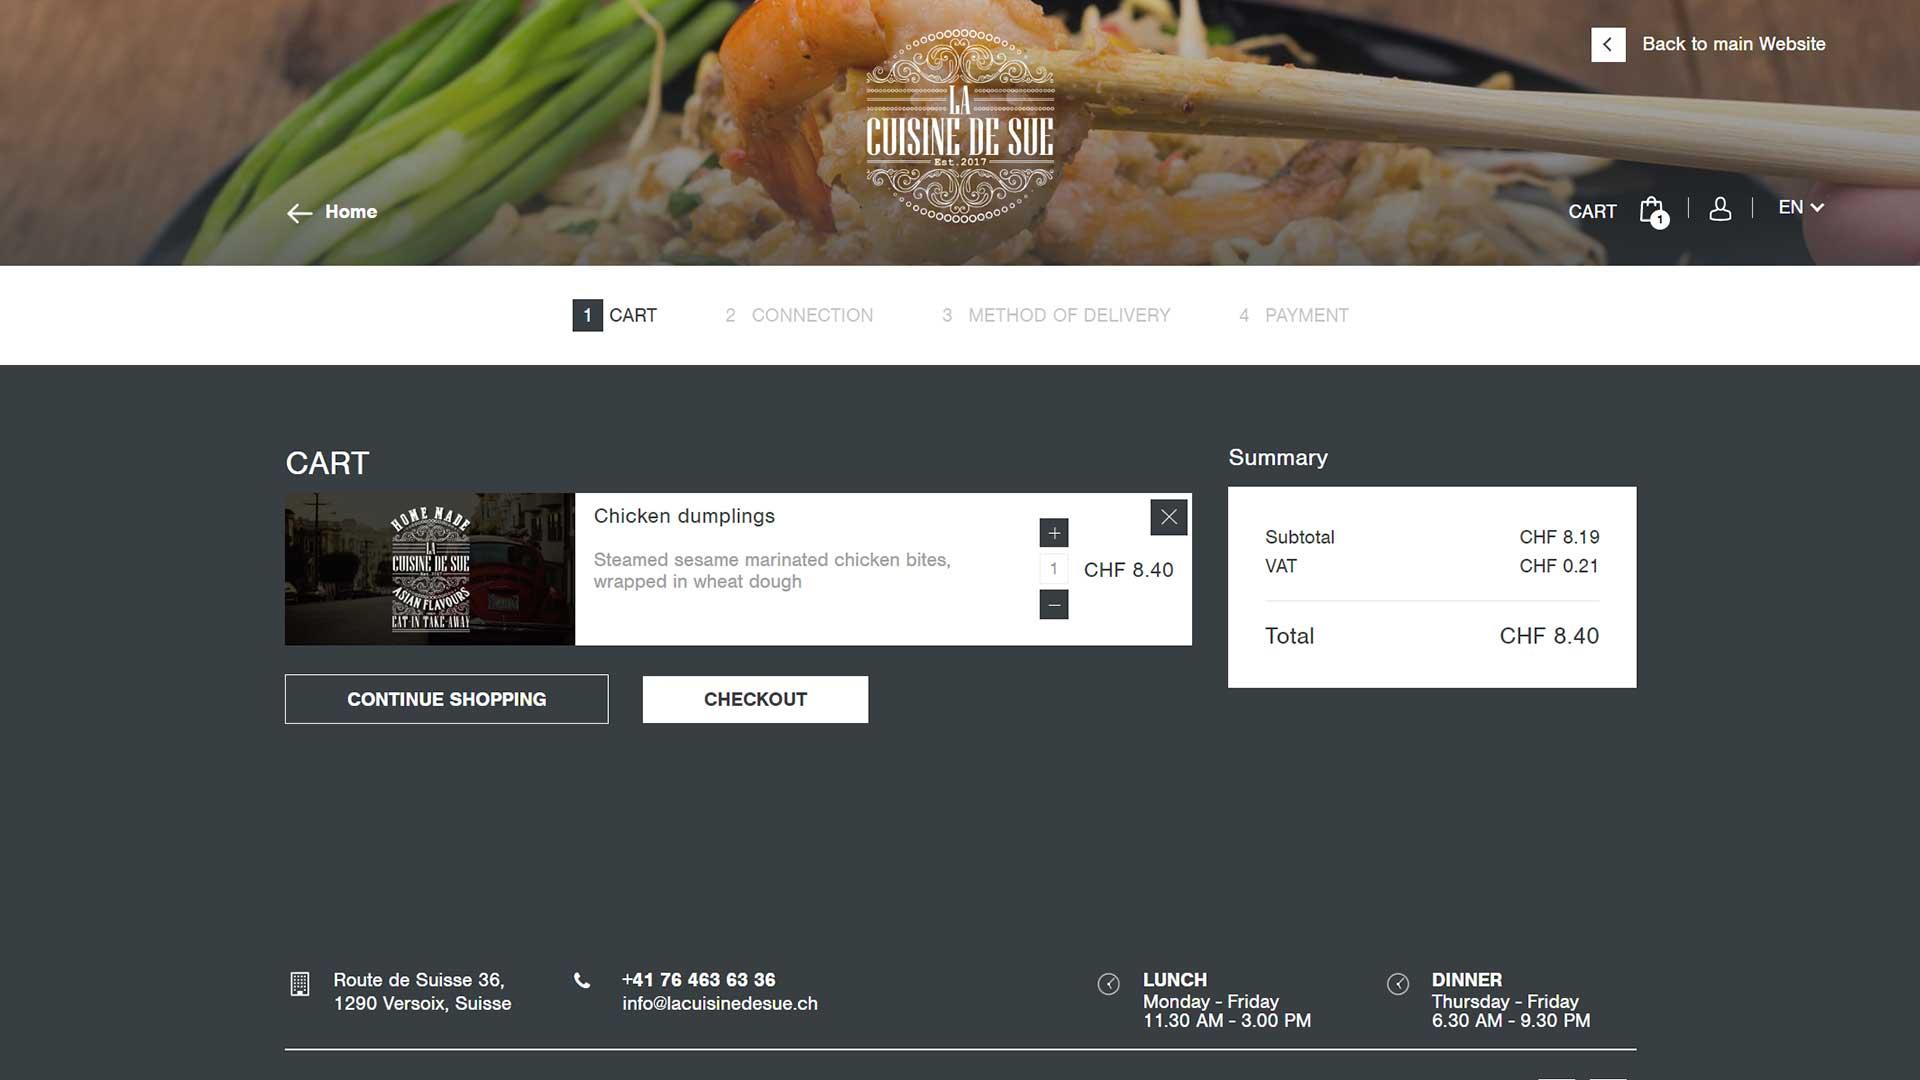 La Cuisine de Sue e-commerce restauration réservation